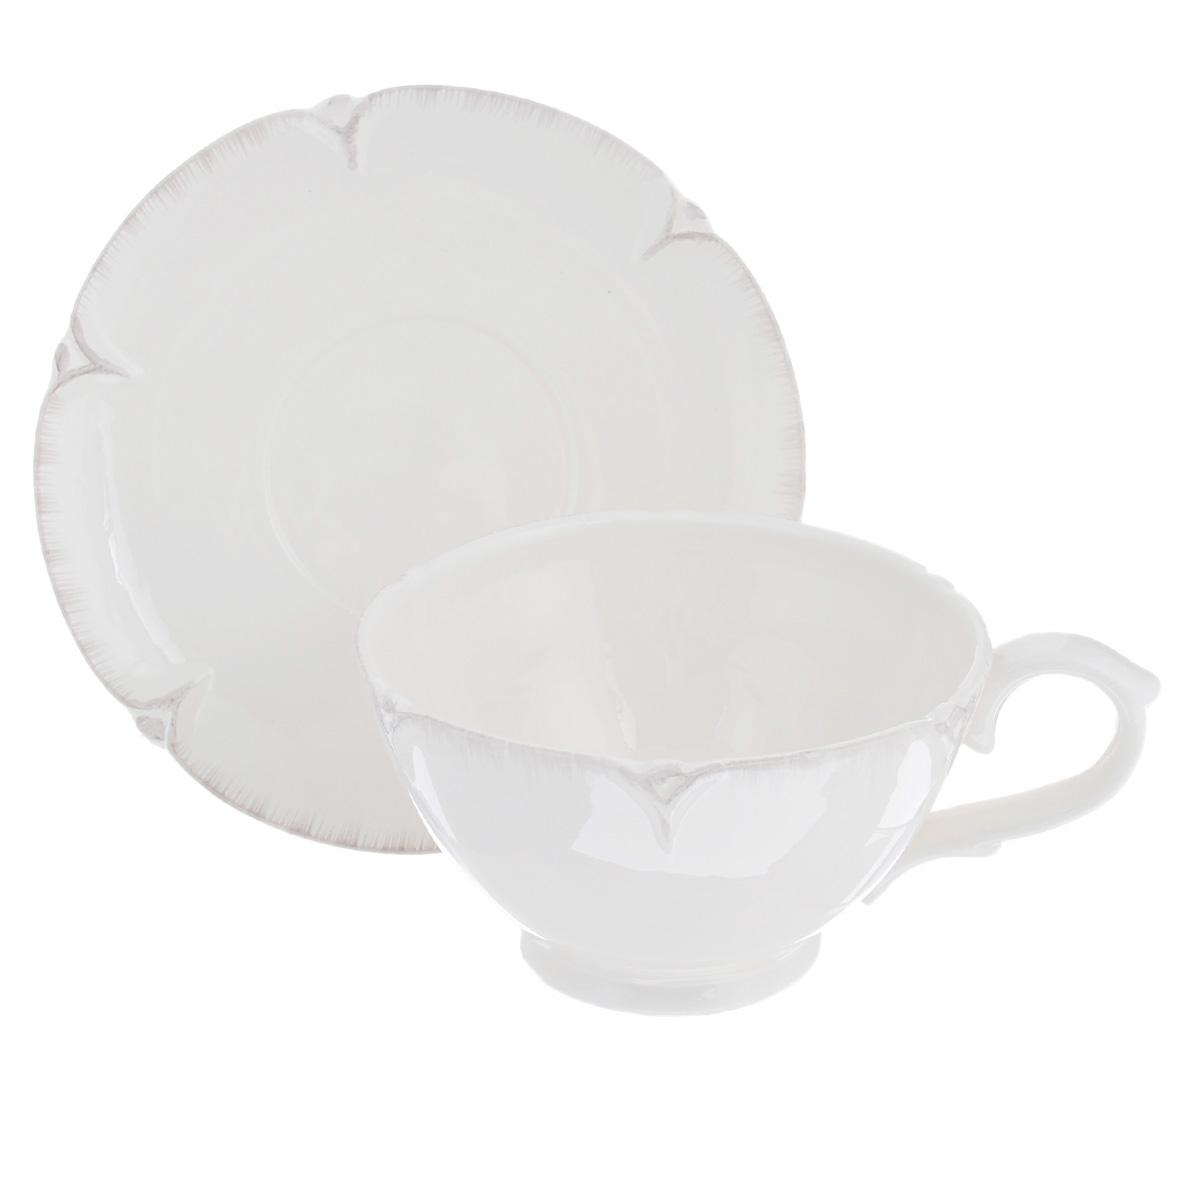 Чайная пара Lillo Ideal, 2 предмета. 214951214951Чайная пара Lillo Ideal сочетает в себе изысканный дизайн с максимальной функциональностью. Чашка с блюдцем выполнены из высококачественной керамики. Оформление придется по вкусу и ценителям классики, и тем, кто предпочитает утонченность и изысканность. Такая чайная пара станет отличным сувениром для ваших друзей и близких. Можно использовать в посудомоечной машине и микроволновой печи.